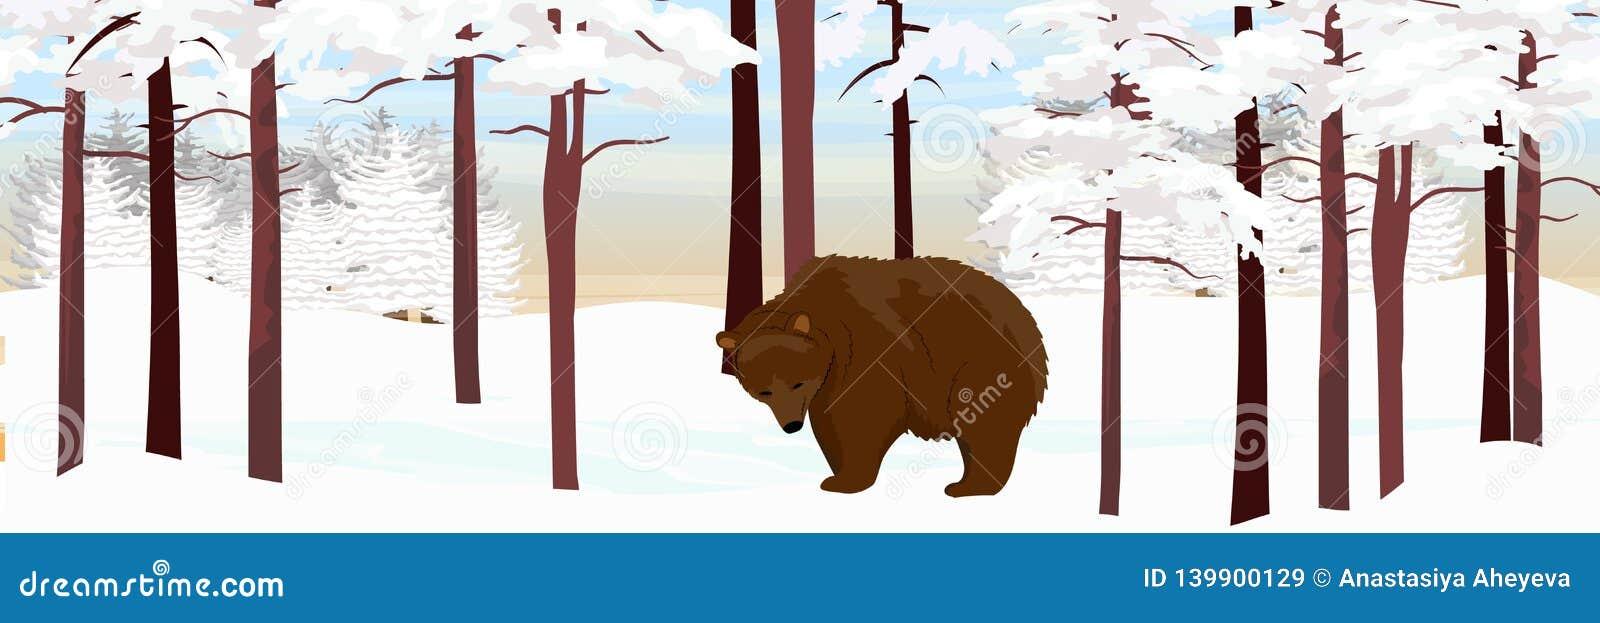 Гризли бурого медведя идет через снежный сосновый лес